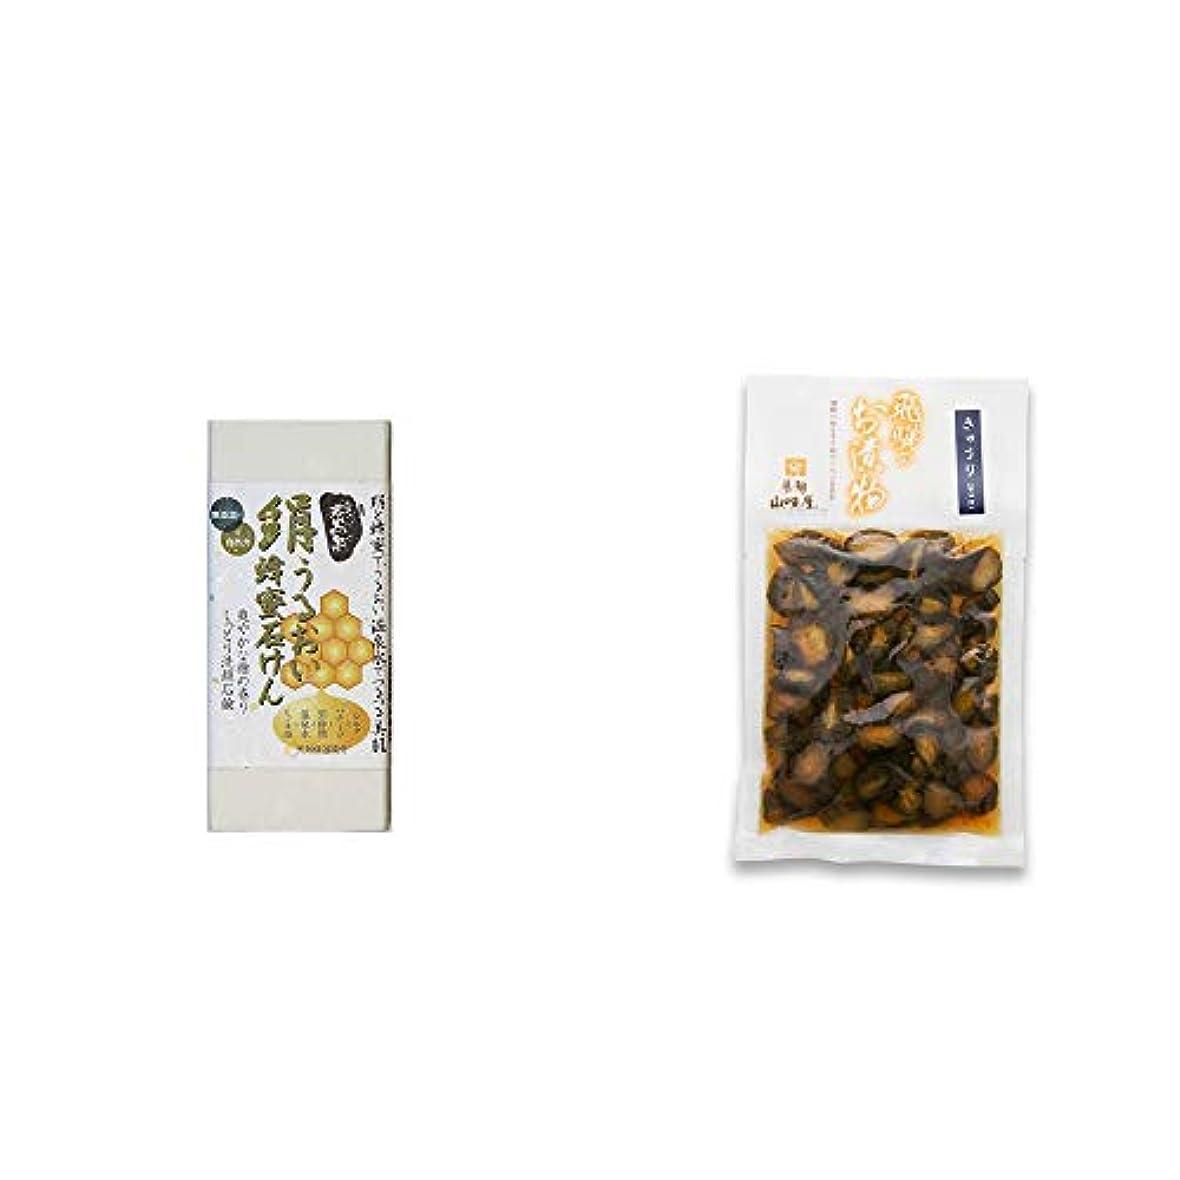 矛盾するハンディ気候の山[2点セット] ひのき炭黒泉 絹うるおい蜂蜜石けん(75g×2)?飛騨山味屋 きゅうり醤油漬(150g)